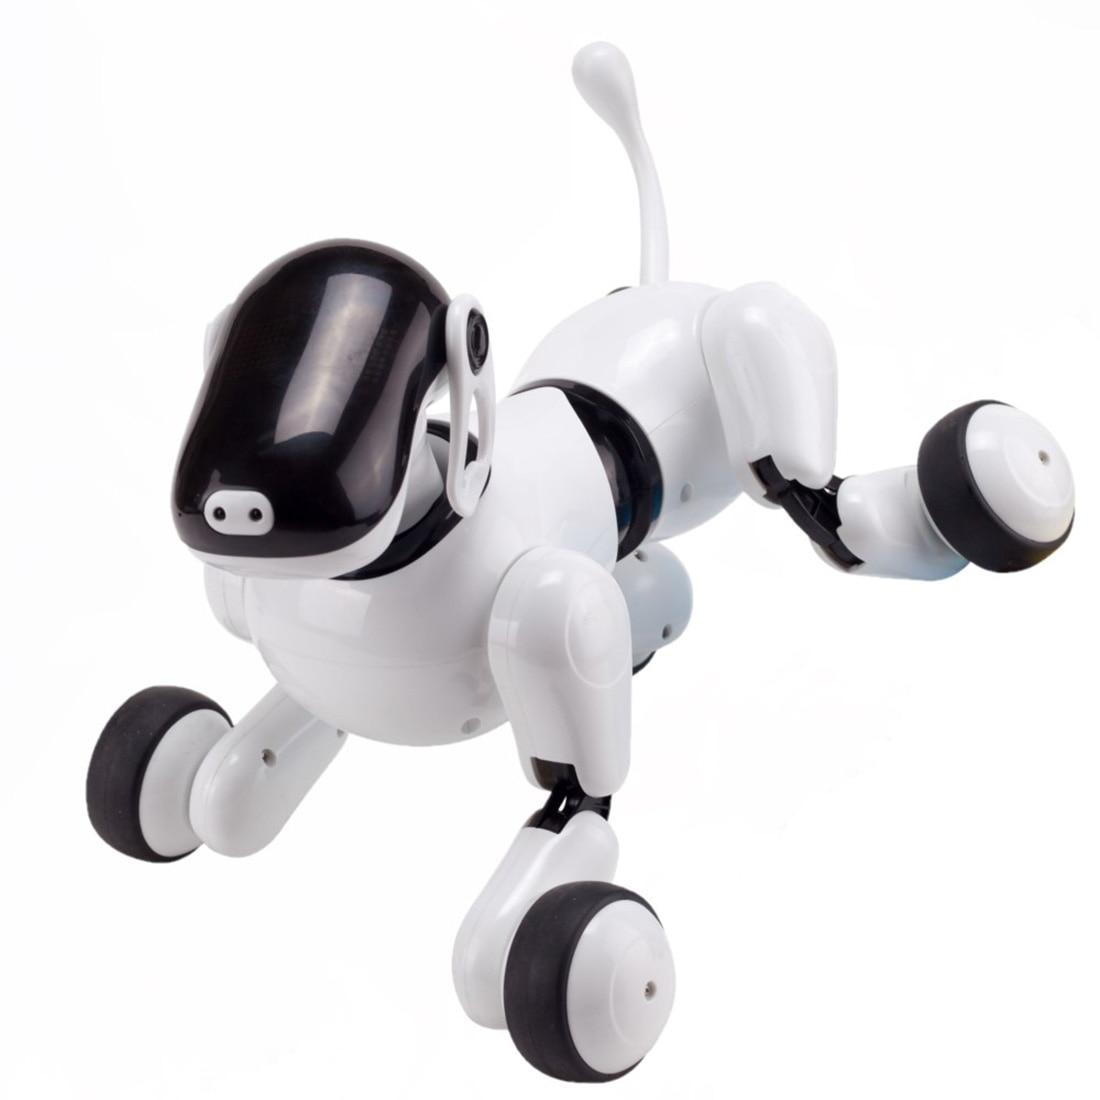 2019 Sans Fil Robot Chien Jouet RC Robot Intelligent Chien Électronique Pet pour Enfants Interactif Jouant Cadeau Jouets Éducatifs Début